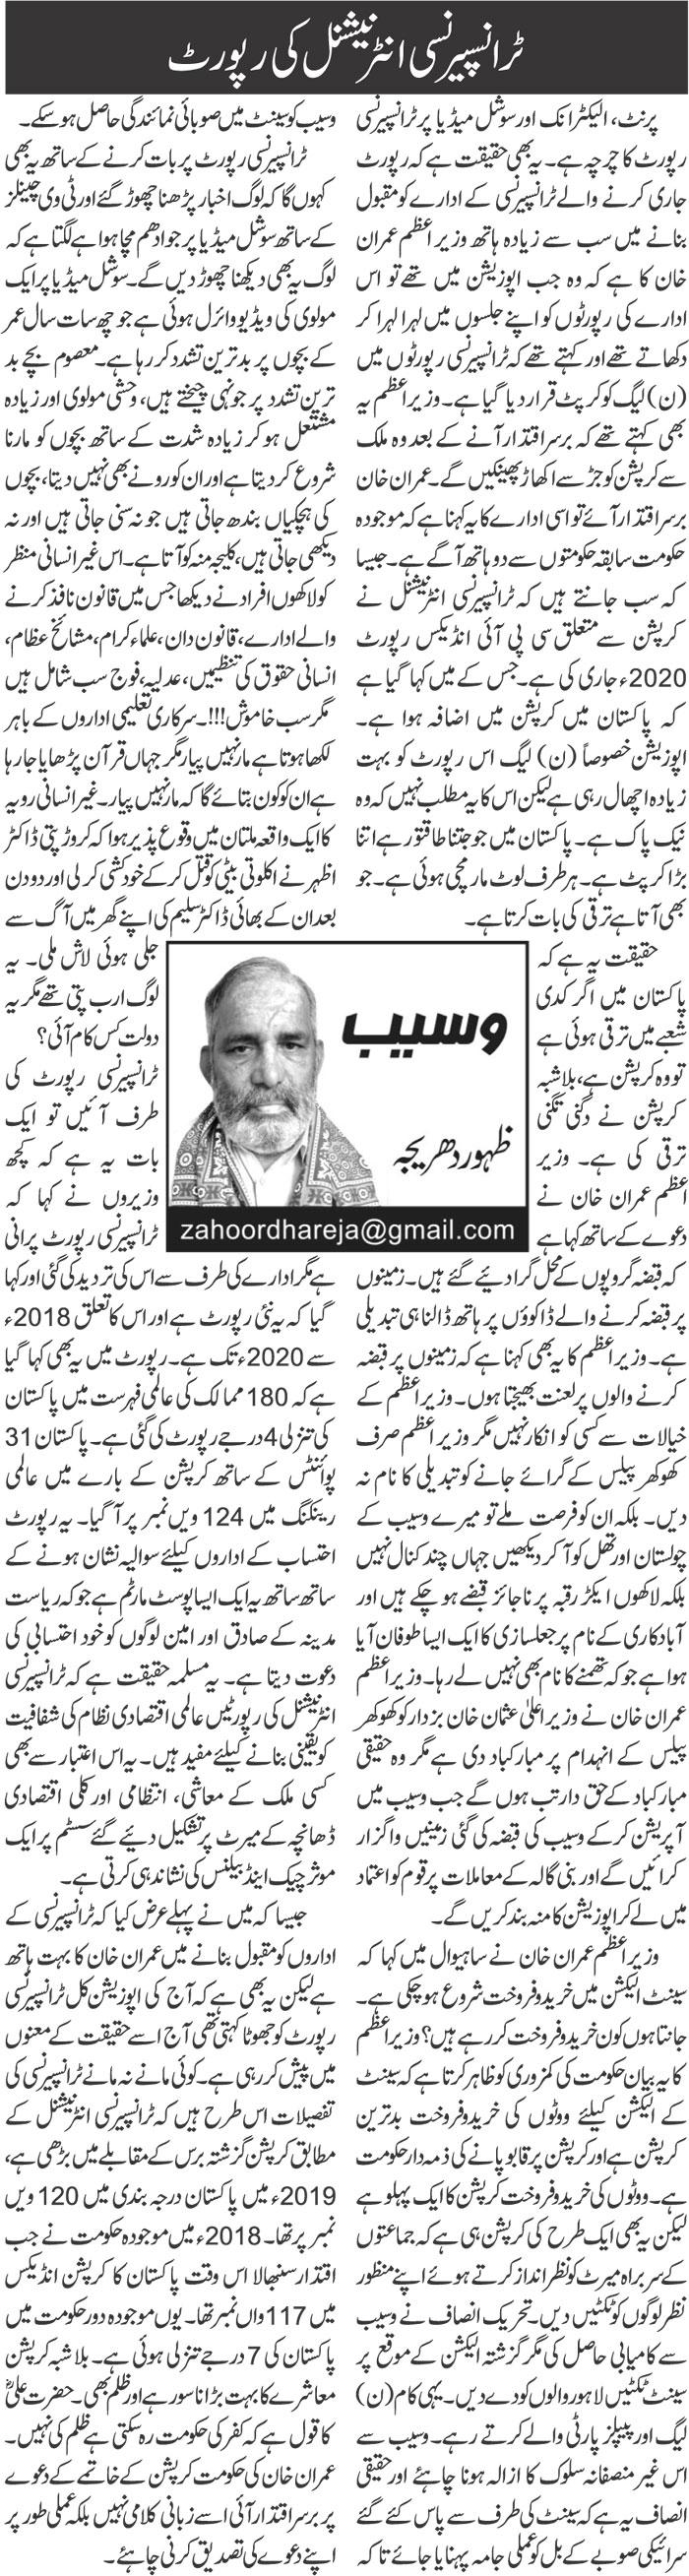 Daily 92 Roznama ePaper - ٹرانسپیرنسی انٹرنیشنل کی رپورٹ